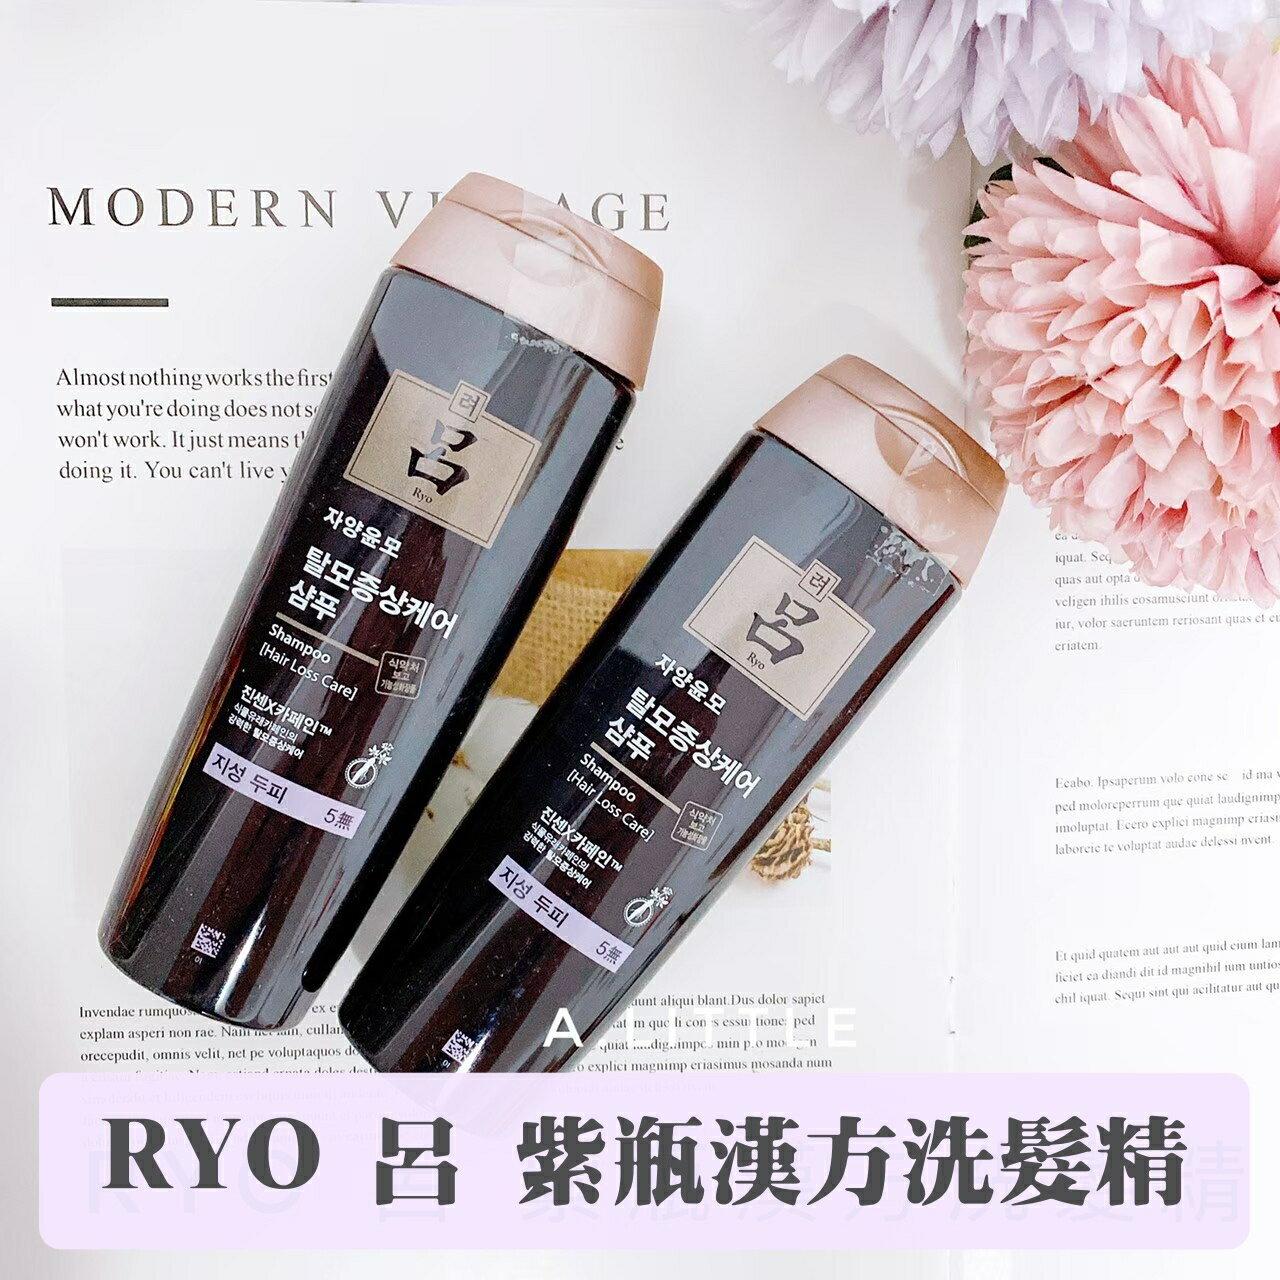 韓國 RYO 呂洗髮精 控油洗髮精 洗髮精 漢方洗髮 紫瓶 紫標 180ml